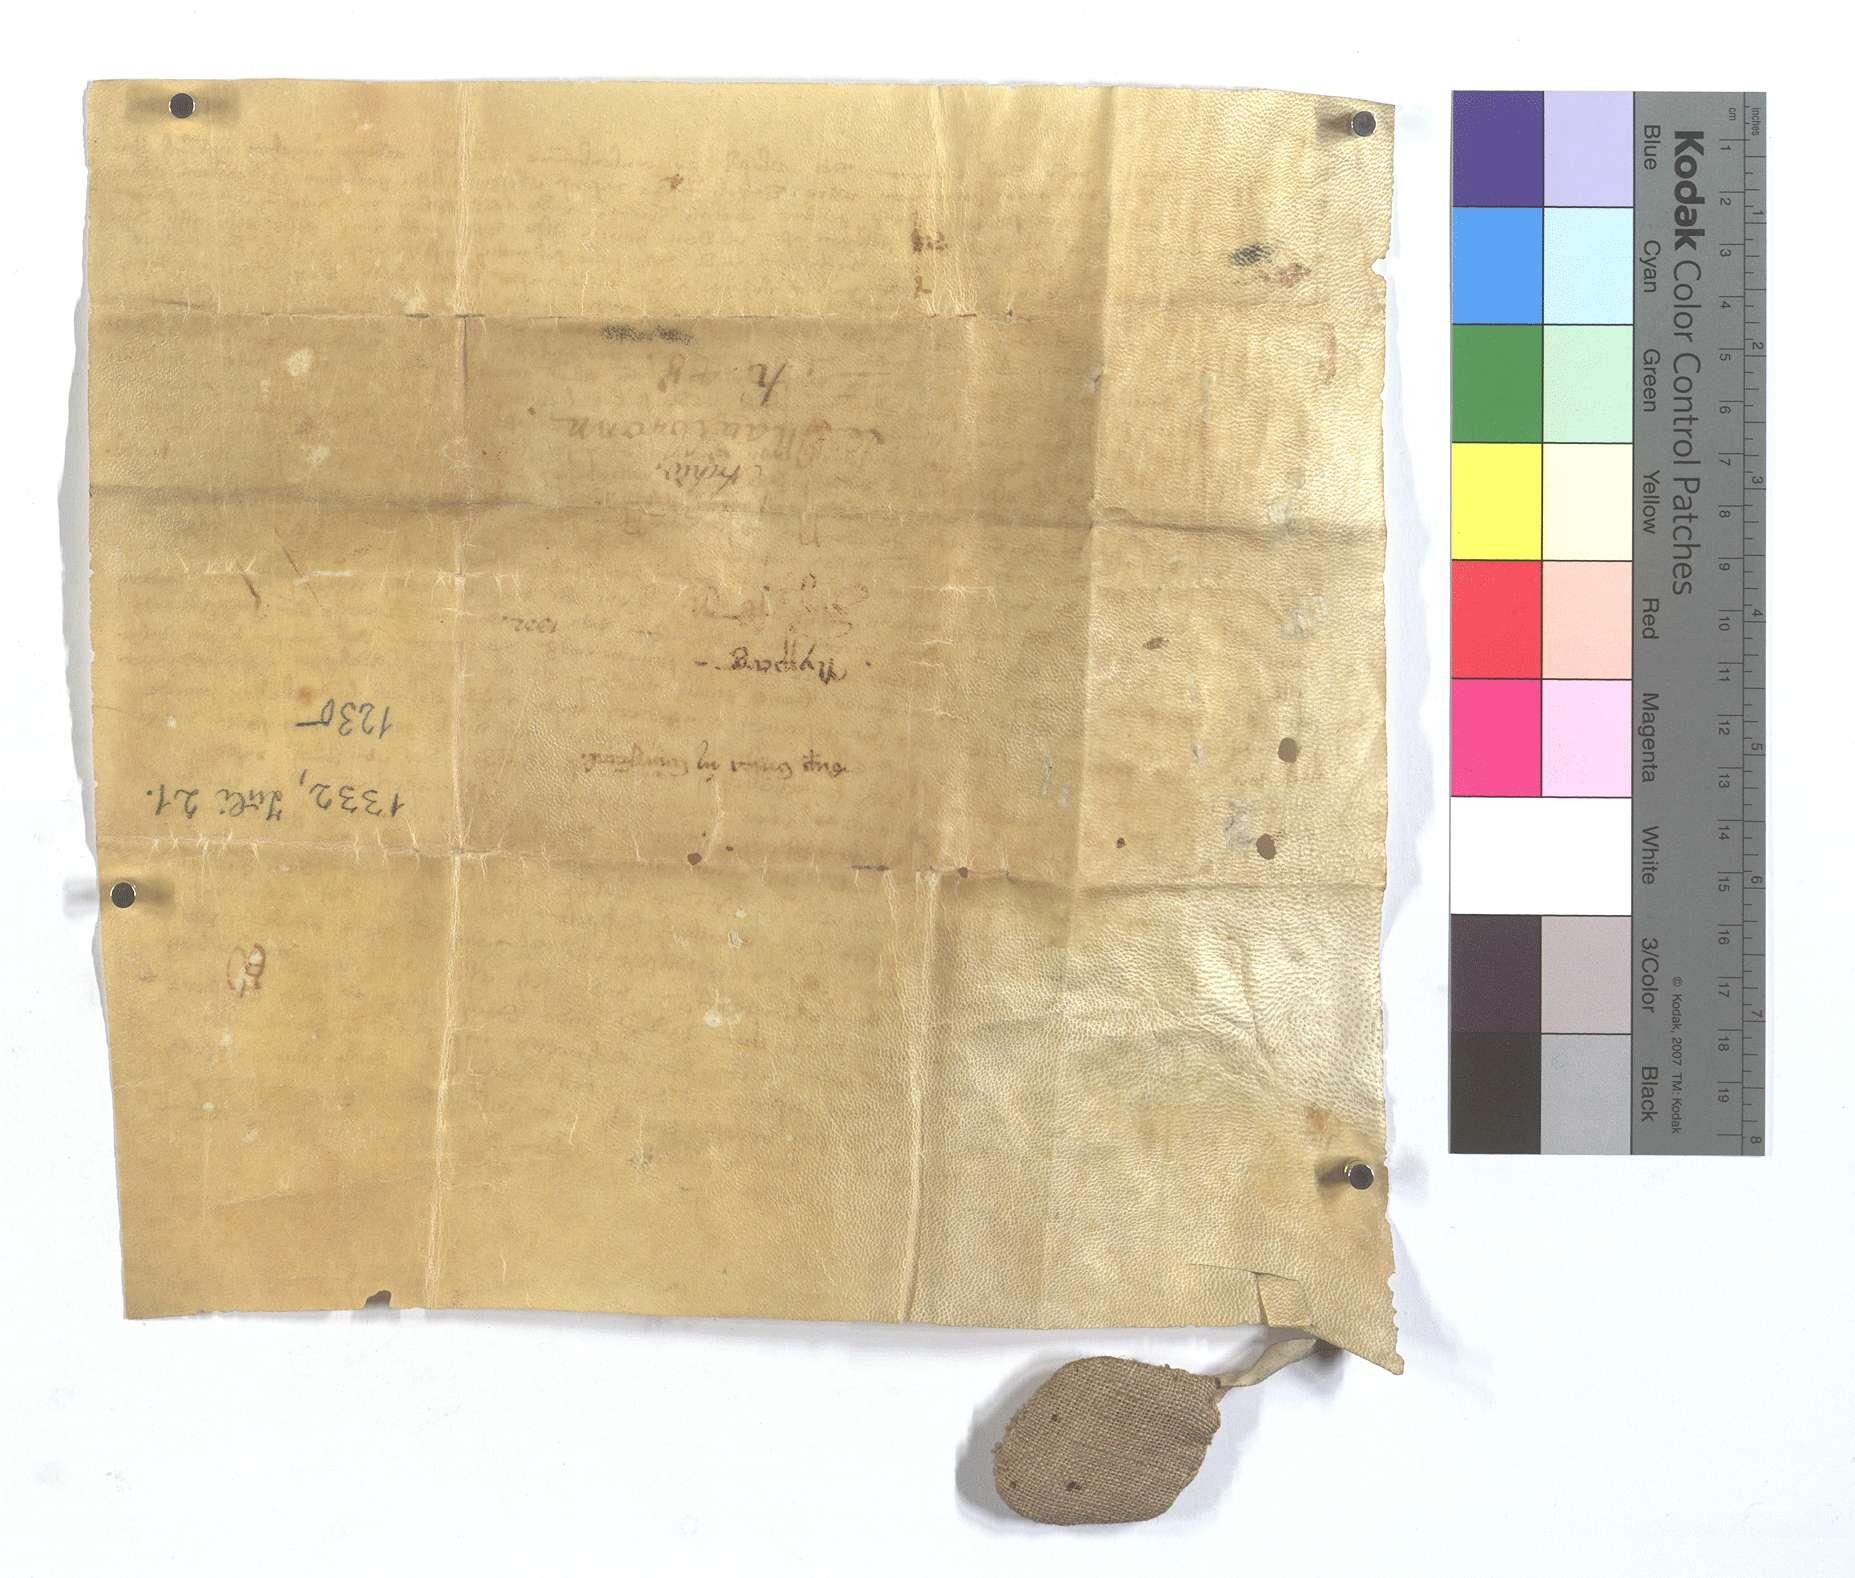 Lehensbrief des Abts Konrad von Maulbronn für Clara, Eberhard Ackers Frau, um den Weingarten in Weigental (Wegental) ob dem Hofe., Rückseite